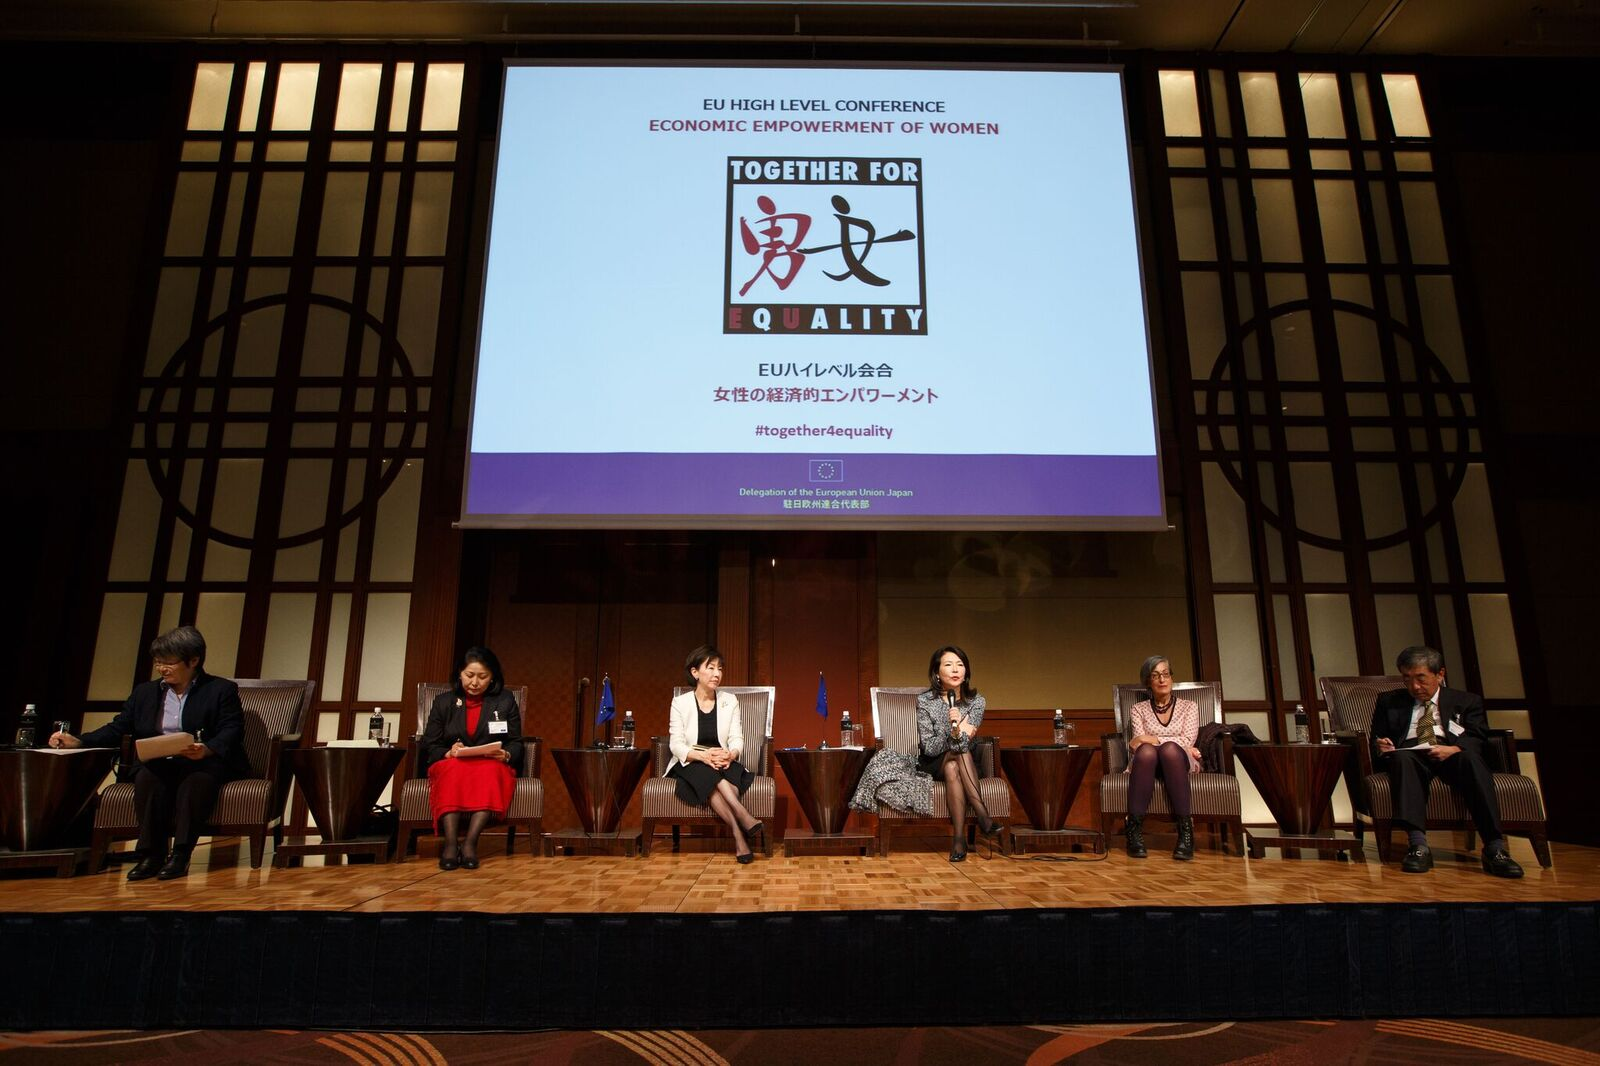 弊社社長 佐藤玖美が、女性の経済的エンパワーメントに関するEUハイレベル会合にてスピーチを行いました